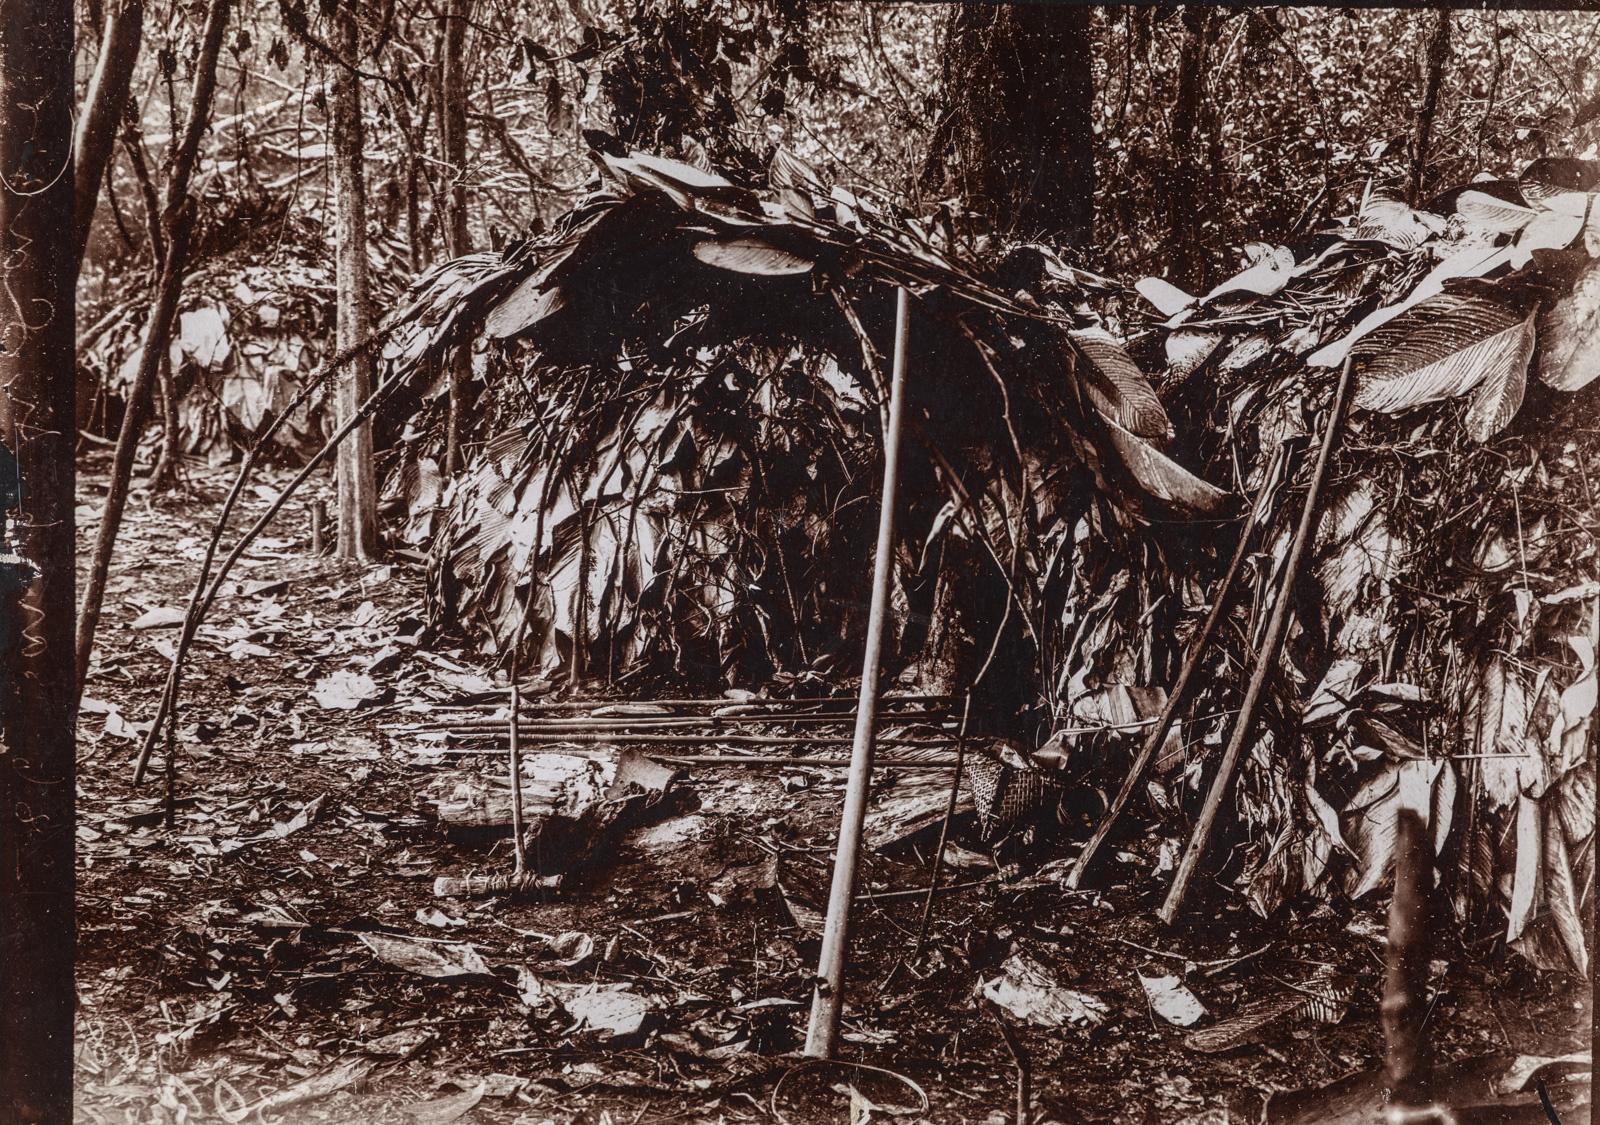 Хижина, покрытая большими листьями